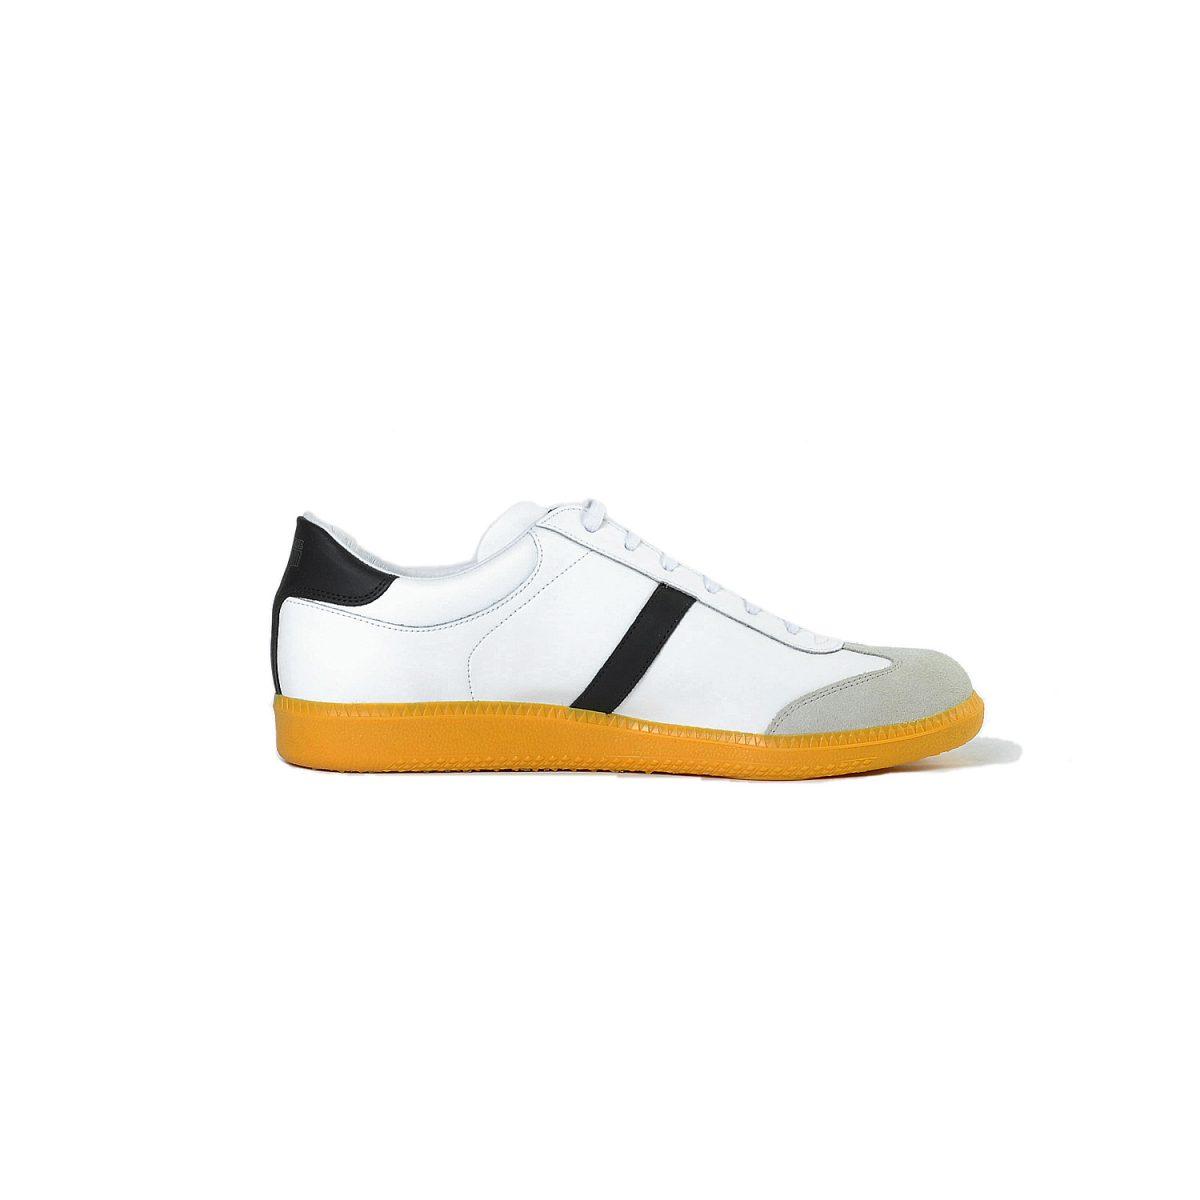 Tisza shoes - Compakt - White-black